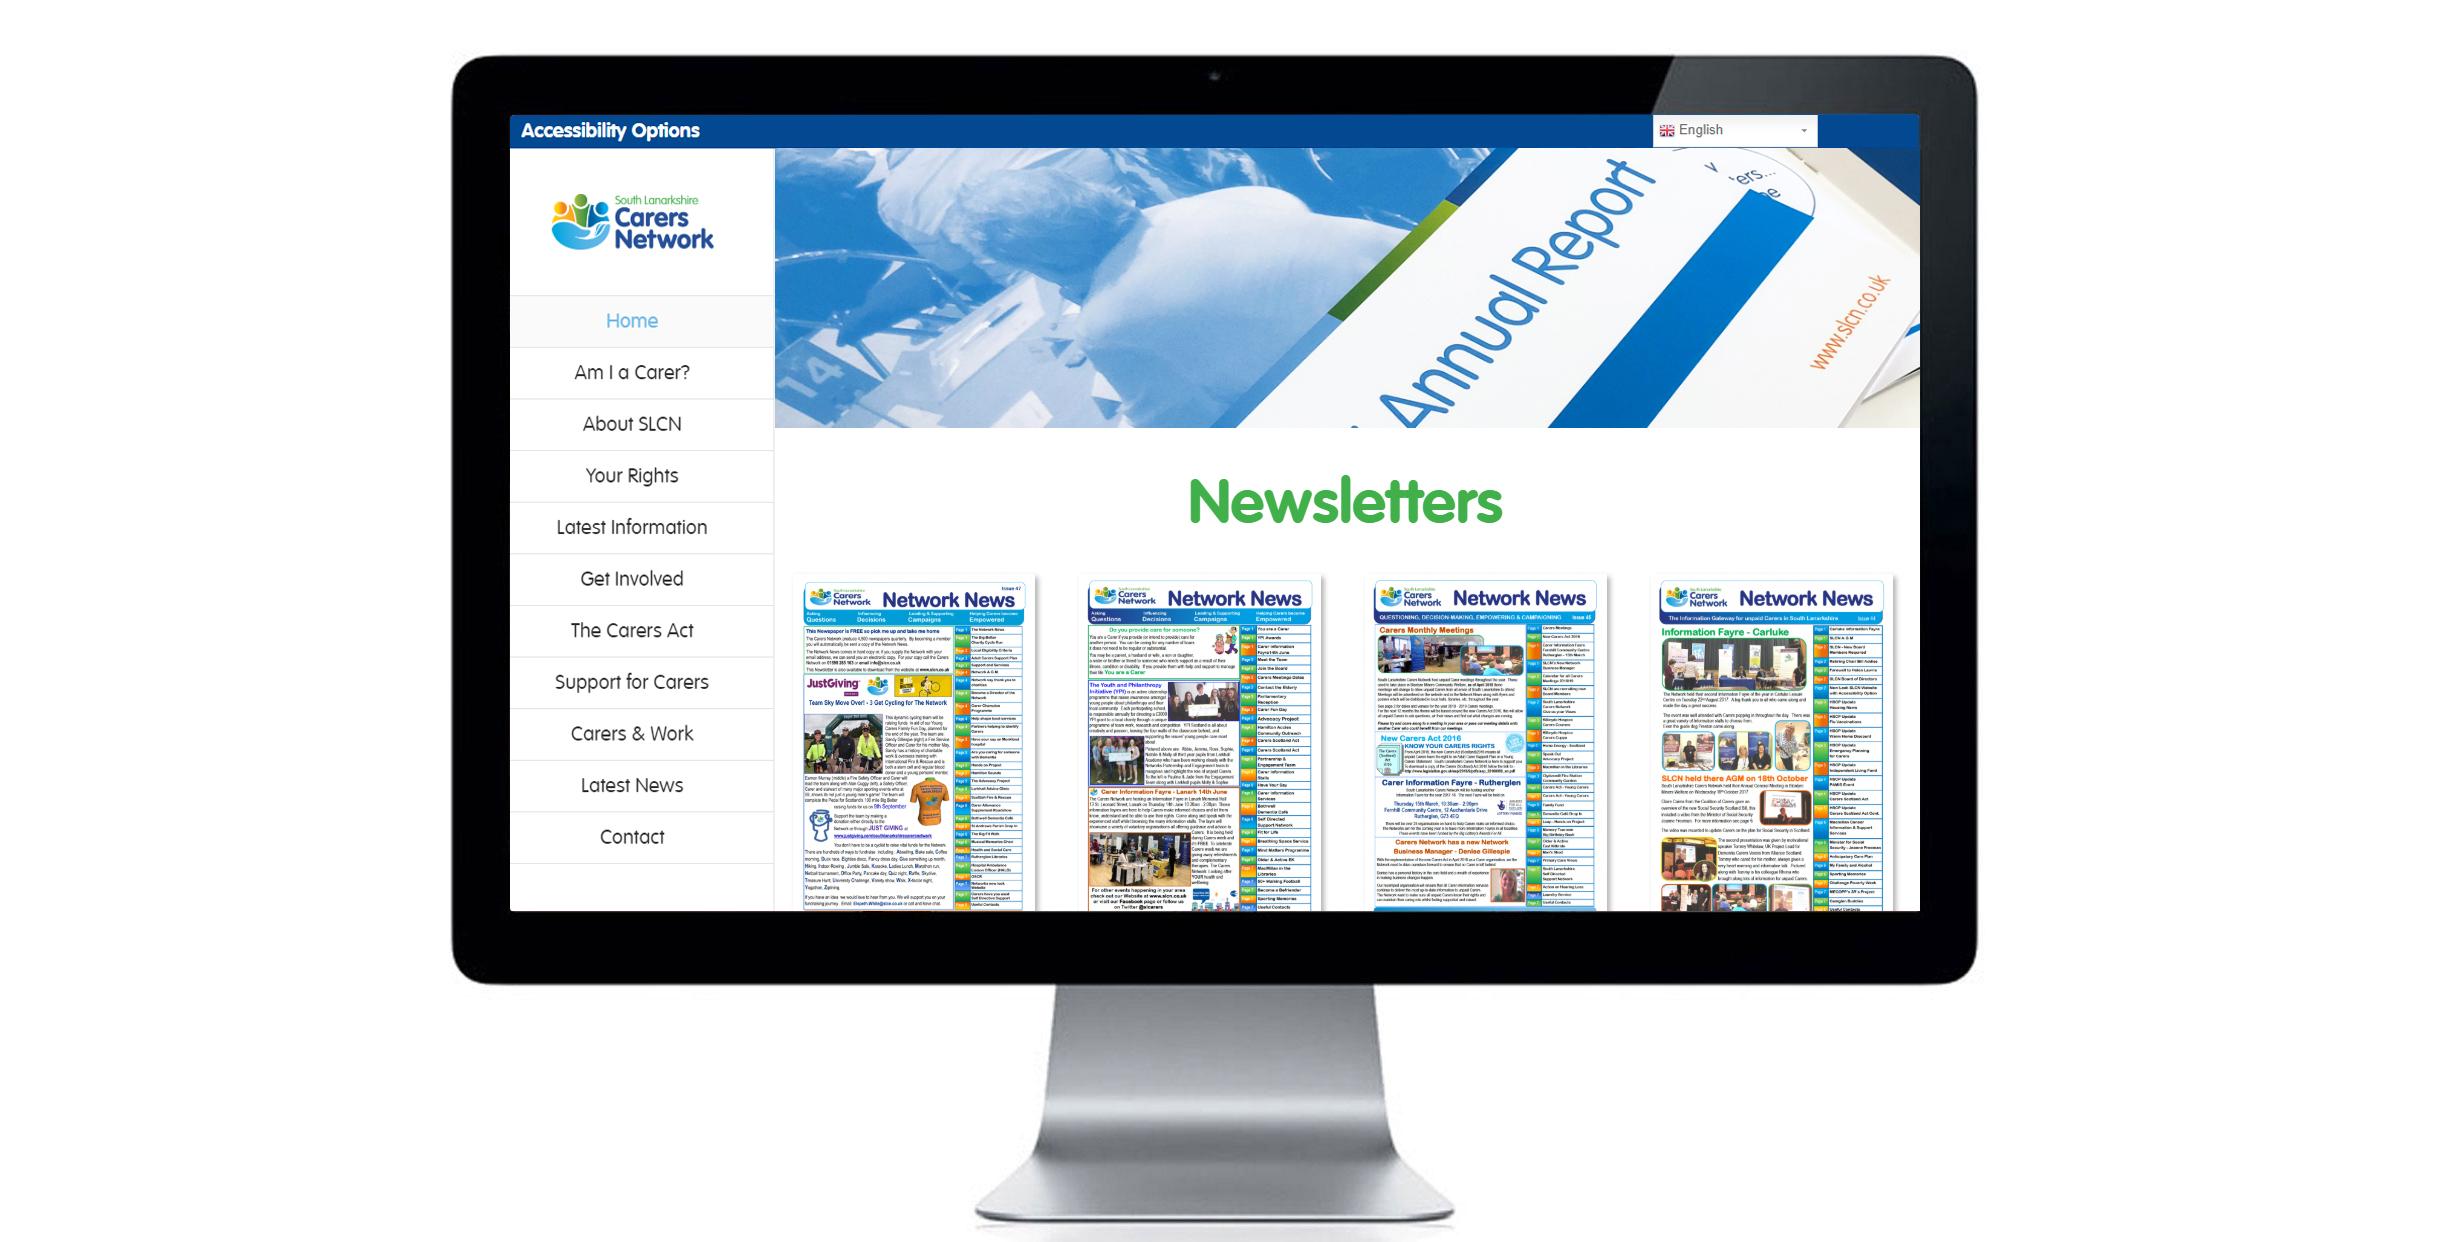 Newsletter archive page of South Lanarkshire Carers Network website. Website design, digital design, marketing material.